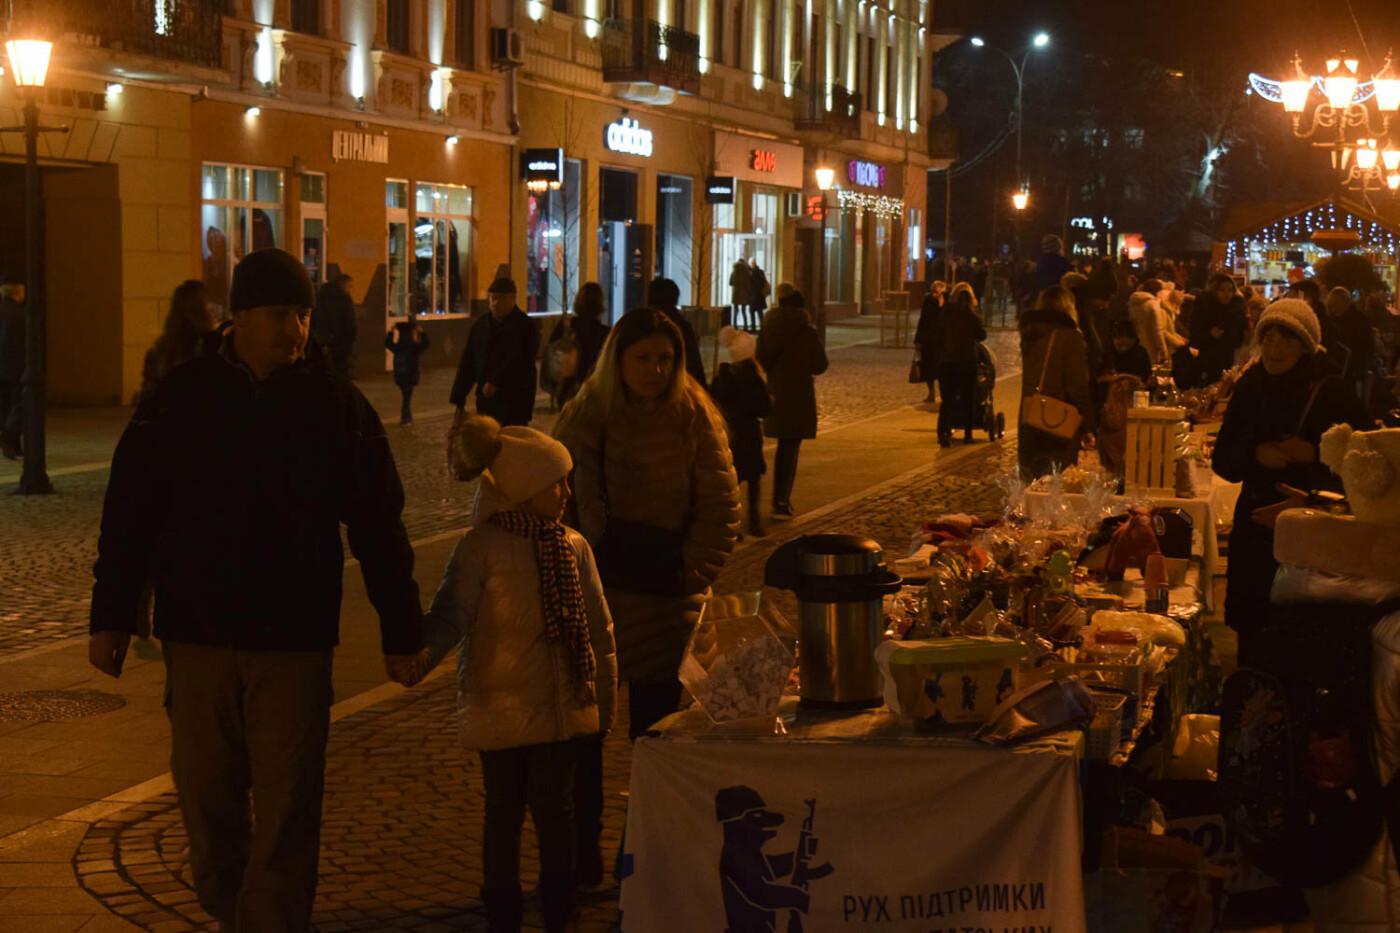 Яскраві ілюмінації, фотозони та ярмарок: в Ужгороді панує святкова атмосфера (ФОТОРЕПОРТАЖ), фото-4